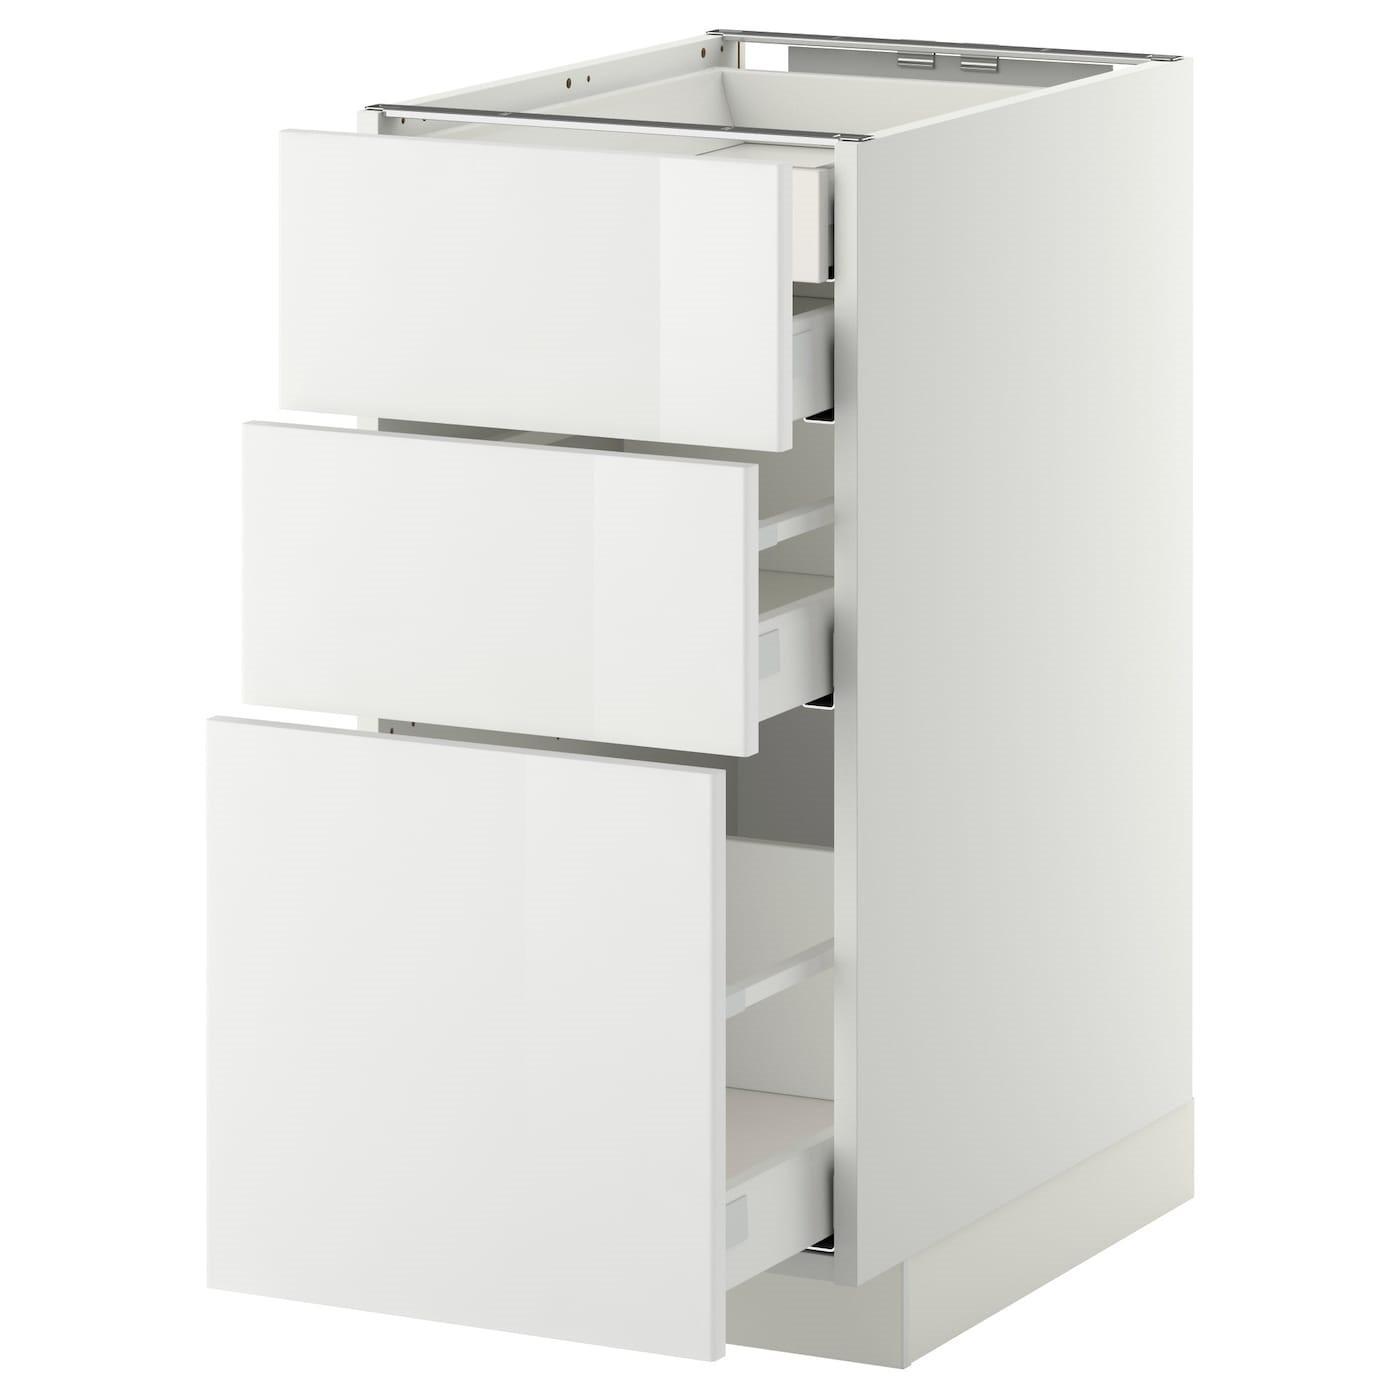 IKEA МЕТОД / МАКСИМЕРА Шкаф напольный, 3 фронт.панели/2низ/сред/выс. ящика, белый, Ringhult красный, 40x60 см 299.116.83